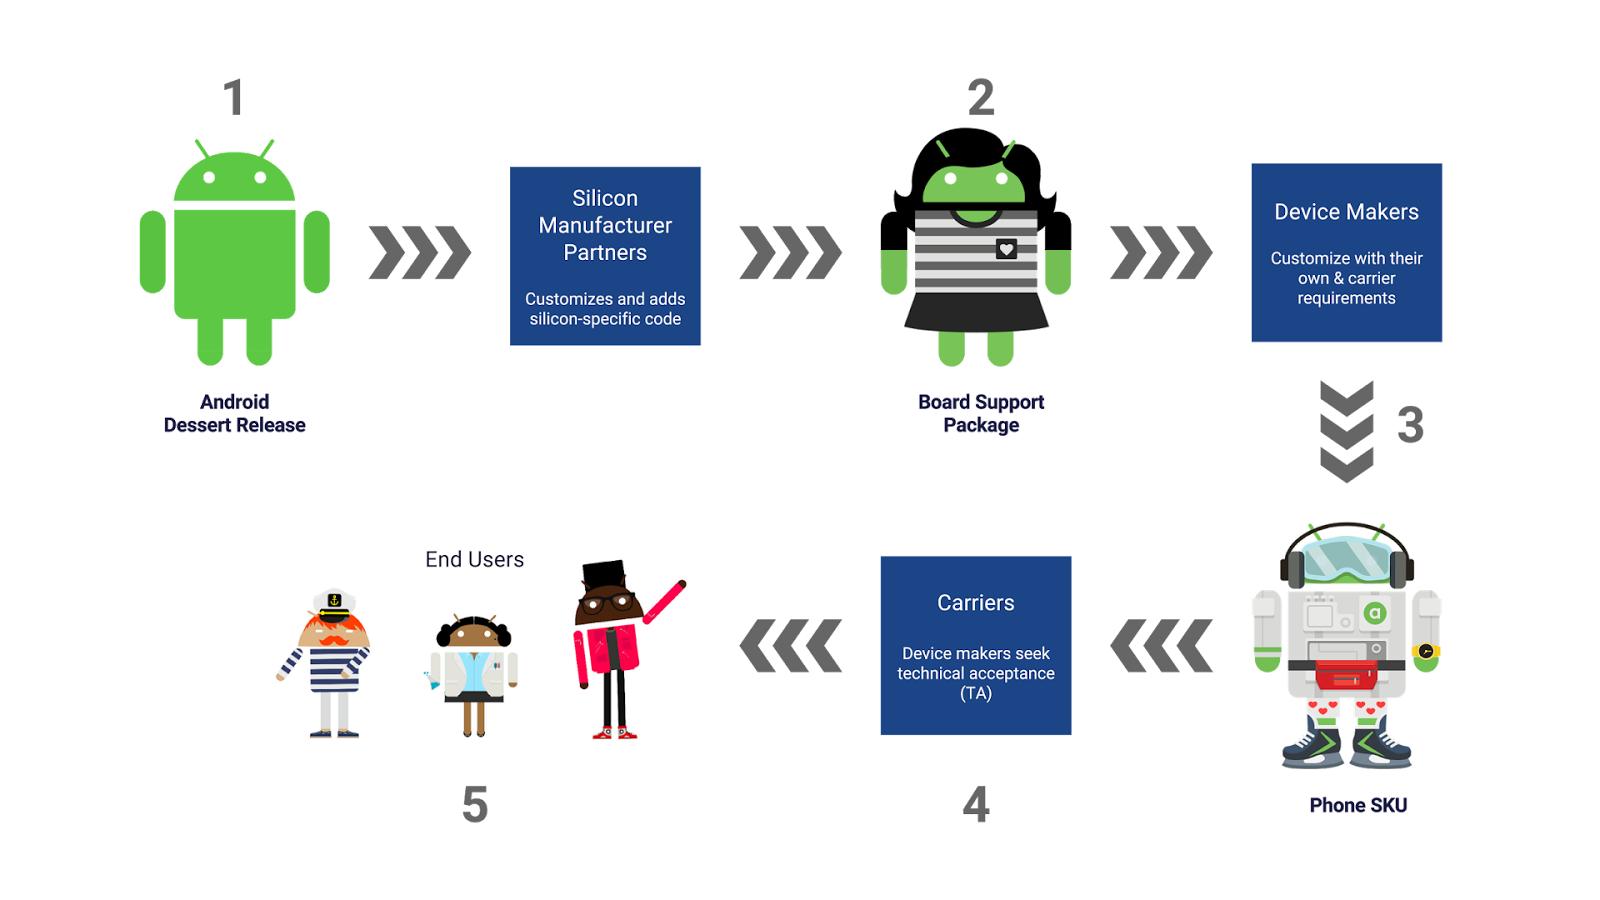 أعلنت جوجل عن مشروع Project Treble وظيفته تسريع وصول تحديثات الأندرويد إلى الهواتف الذكيه